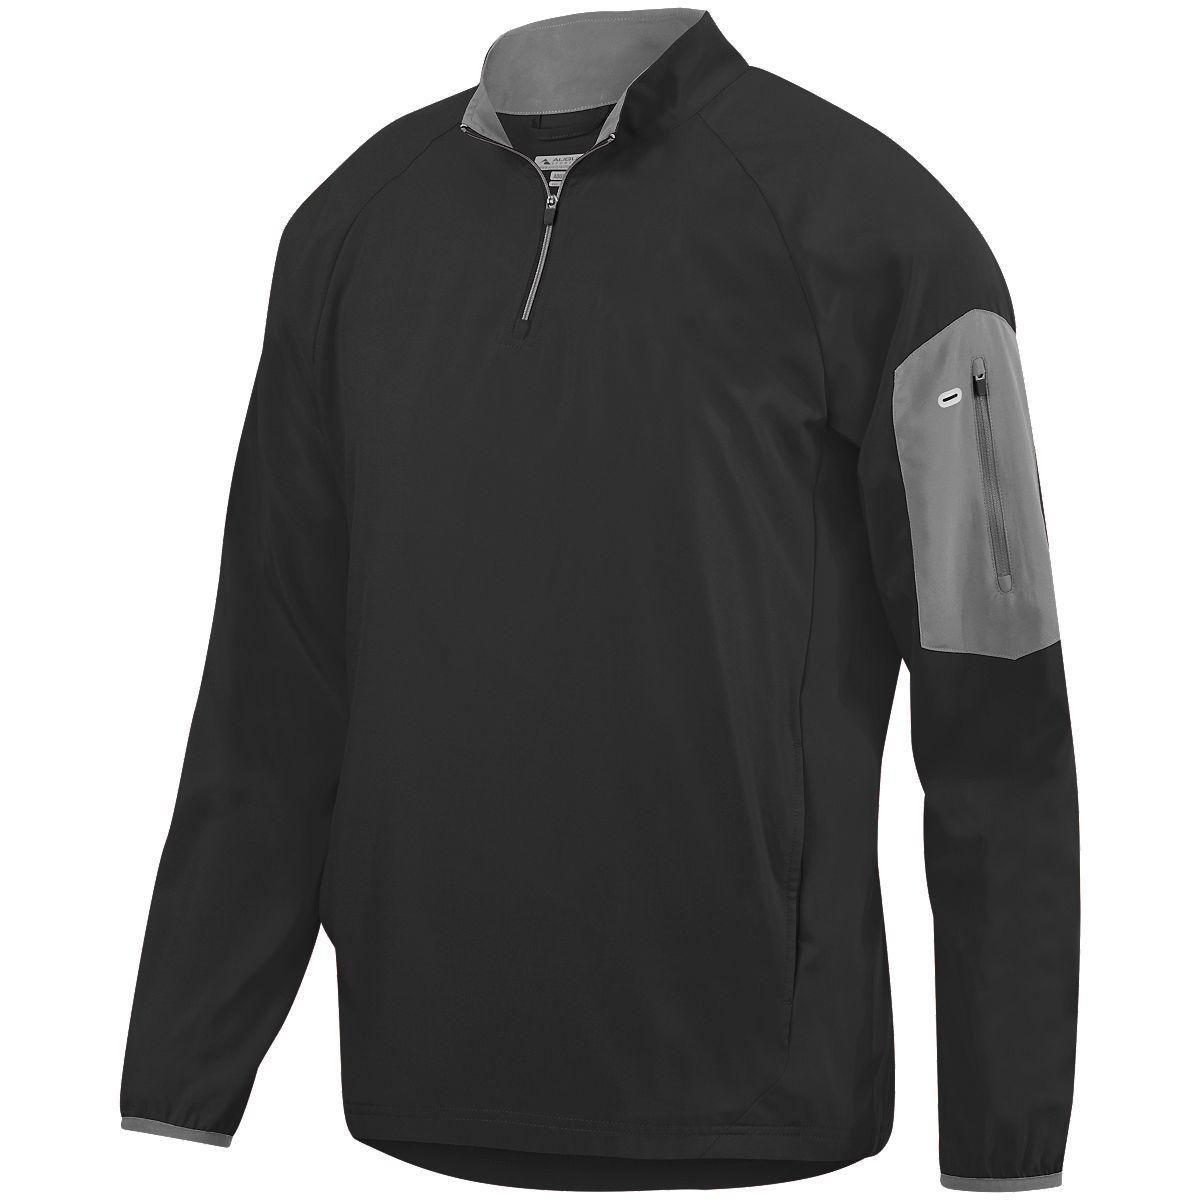 Preeminent Half-Zip Pullover - BLACK/GRAPHITE